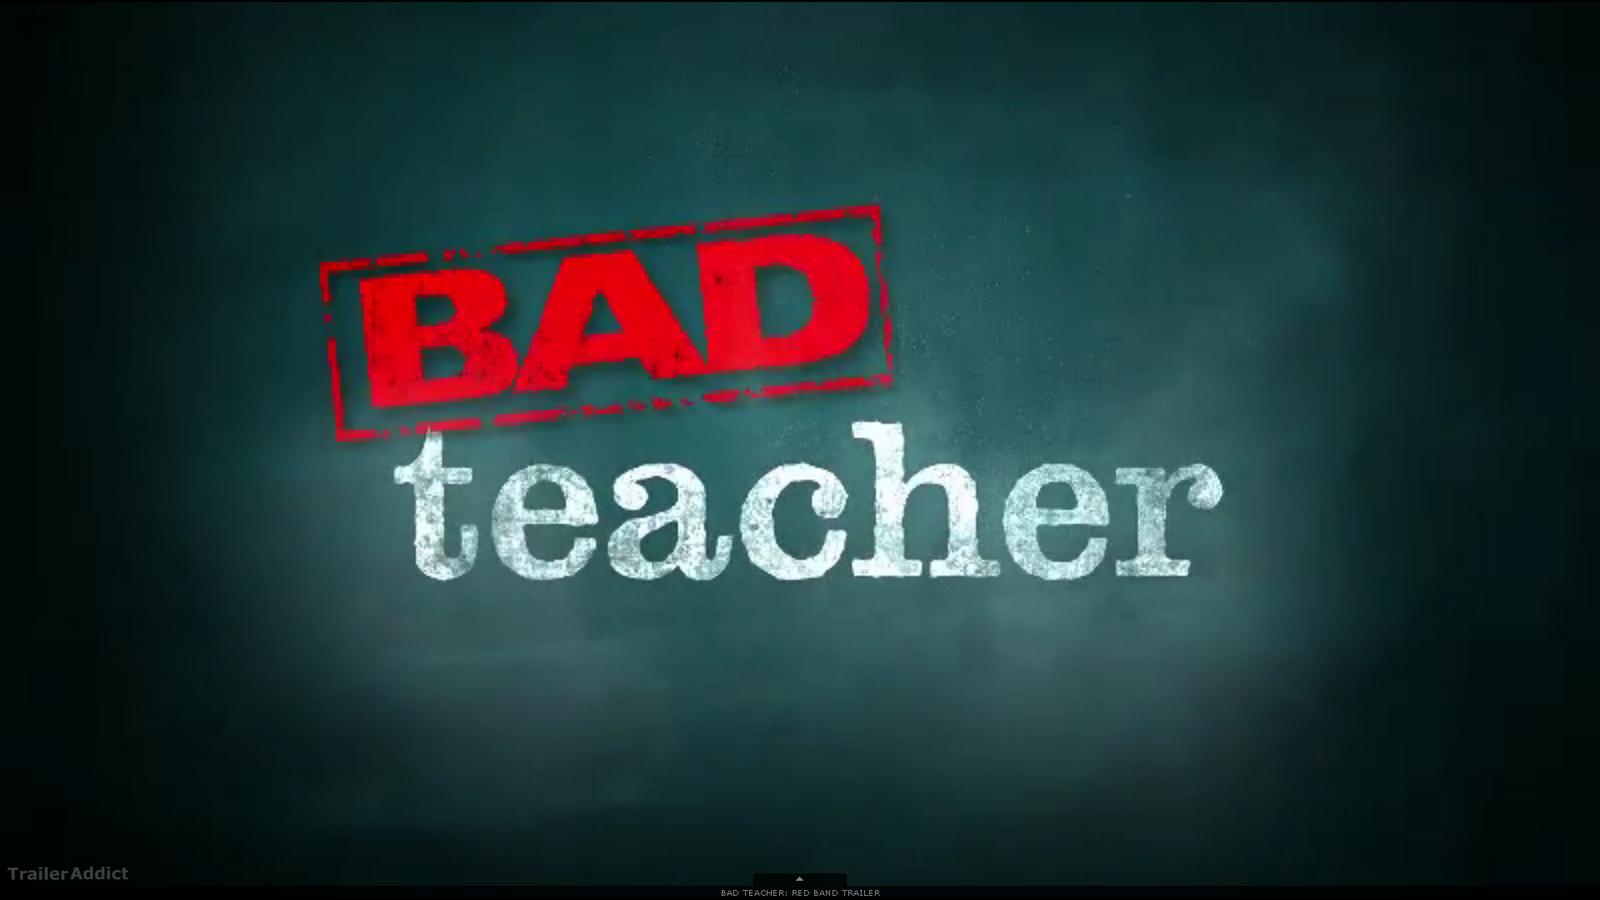 'Bad Teacher!' Red Ban... Justin Timberlake